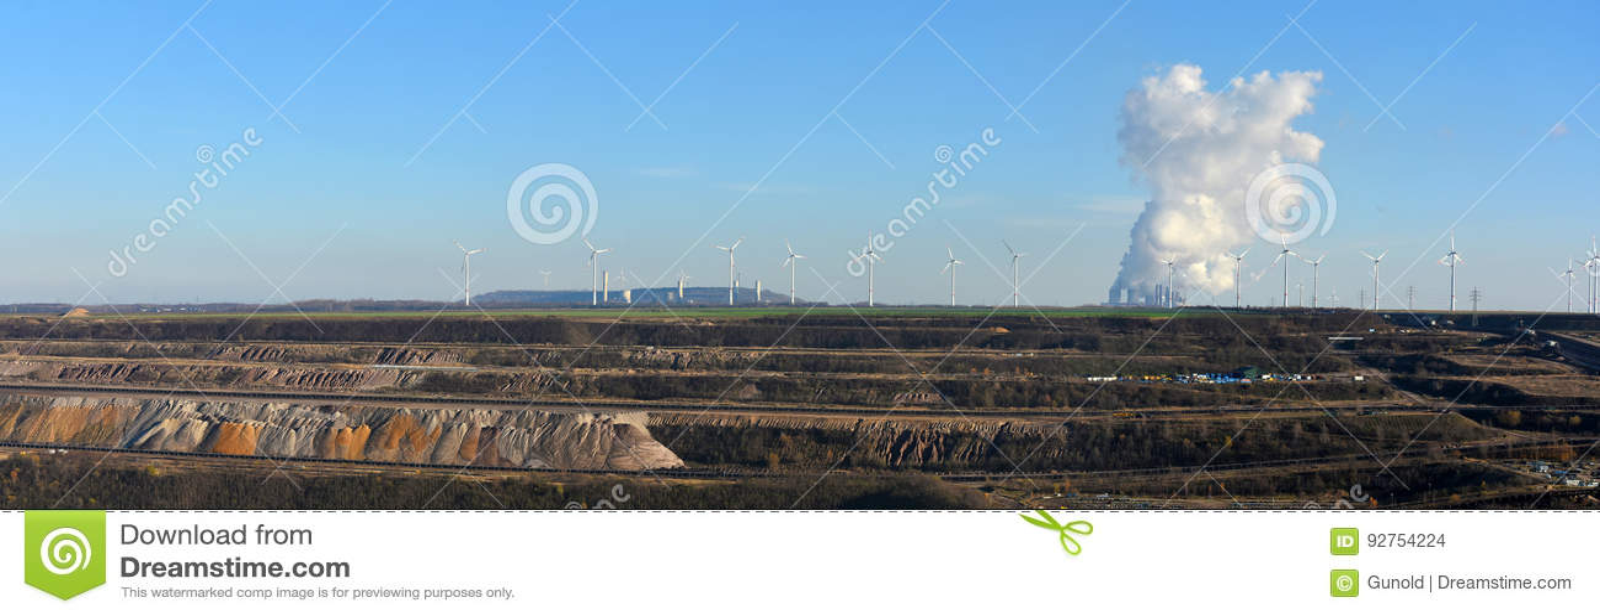 Panoramiczny widok otwarty - lany kopalnictwo, elektrownia i wiatrowa energia,